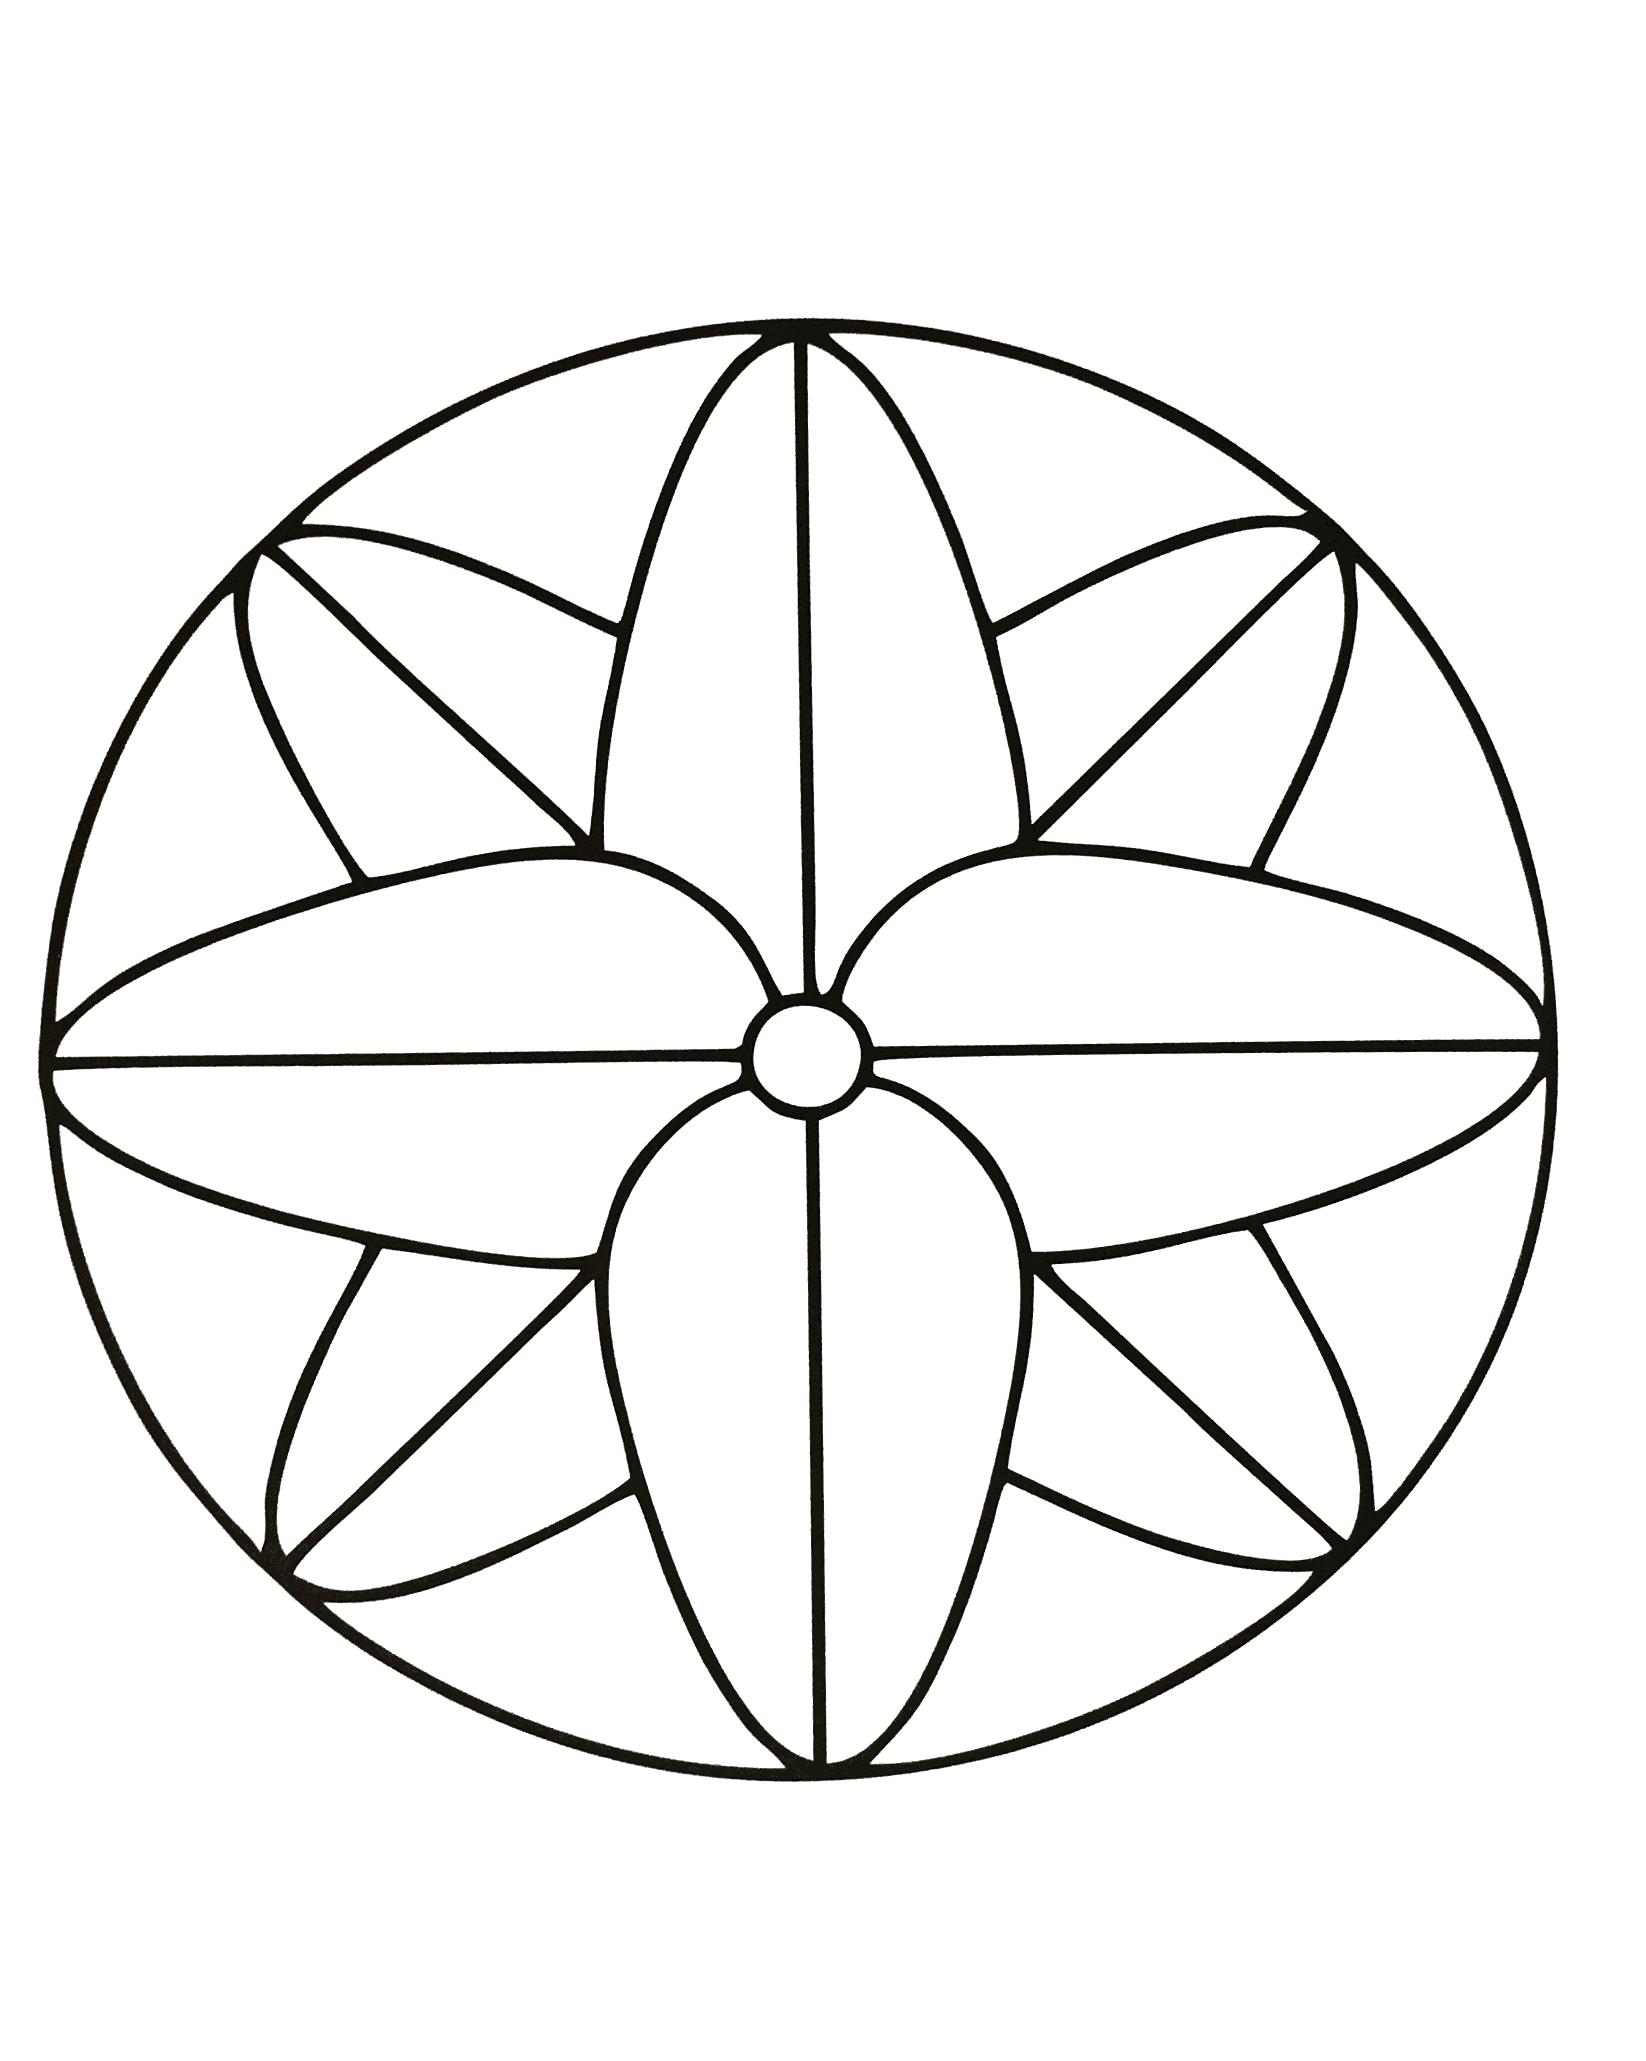 Mandalas A Imprimer Gratuit 19 - Mandalas Avec Motifs destiné Mandala À Imprimer Facile